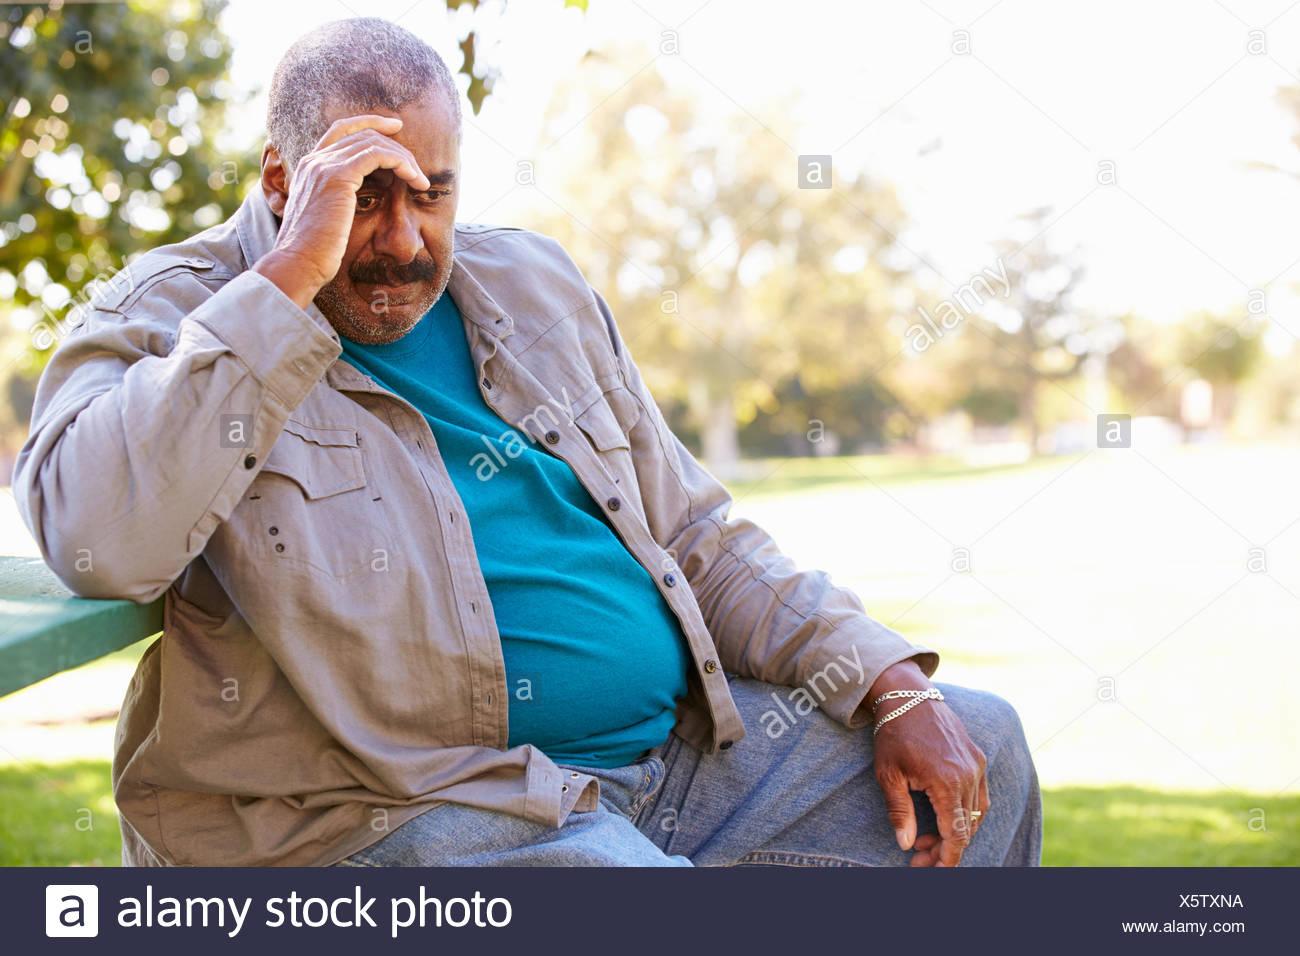 Depressed Senior Man Sitting Outside - Stock Image